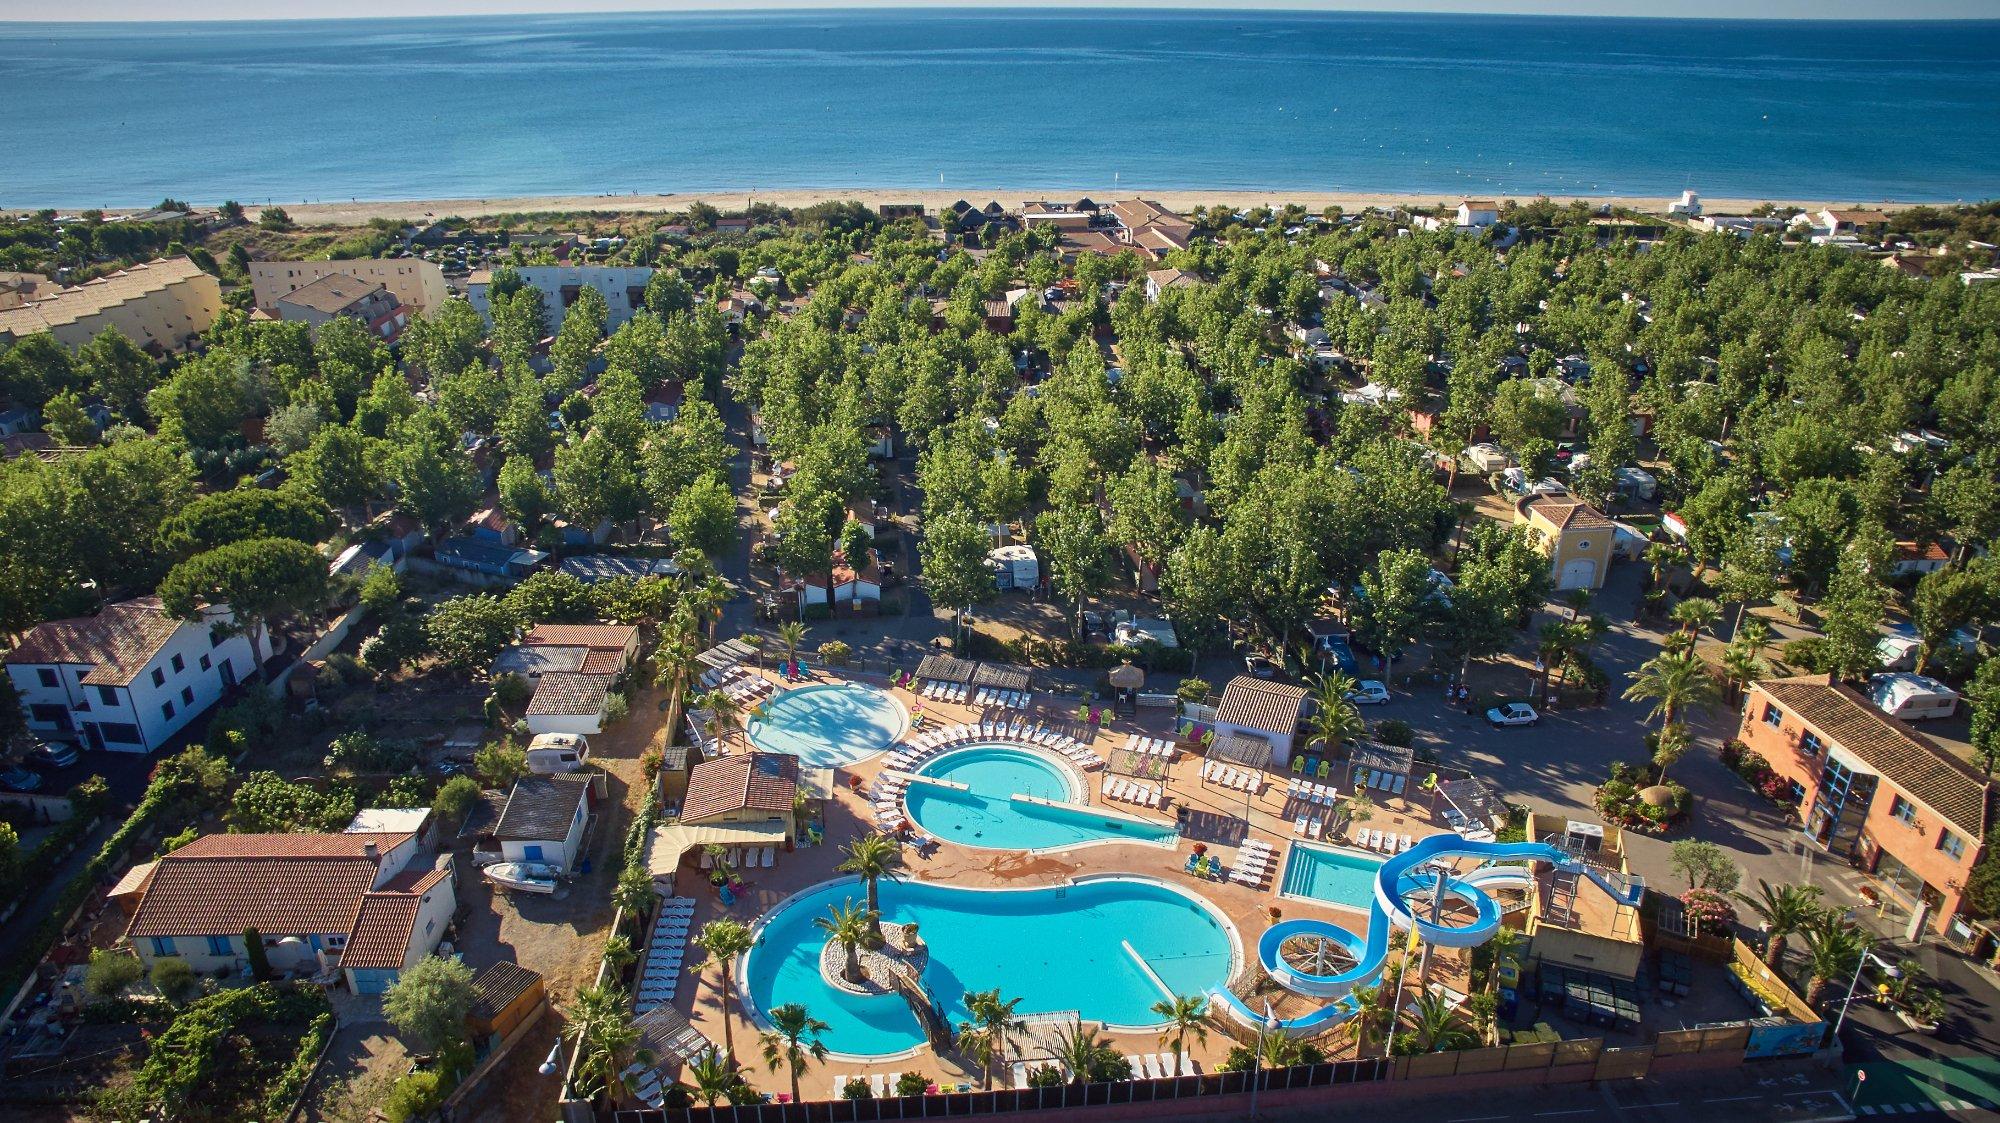 Les Mediterranees - Camping Nouvelle Floride